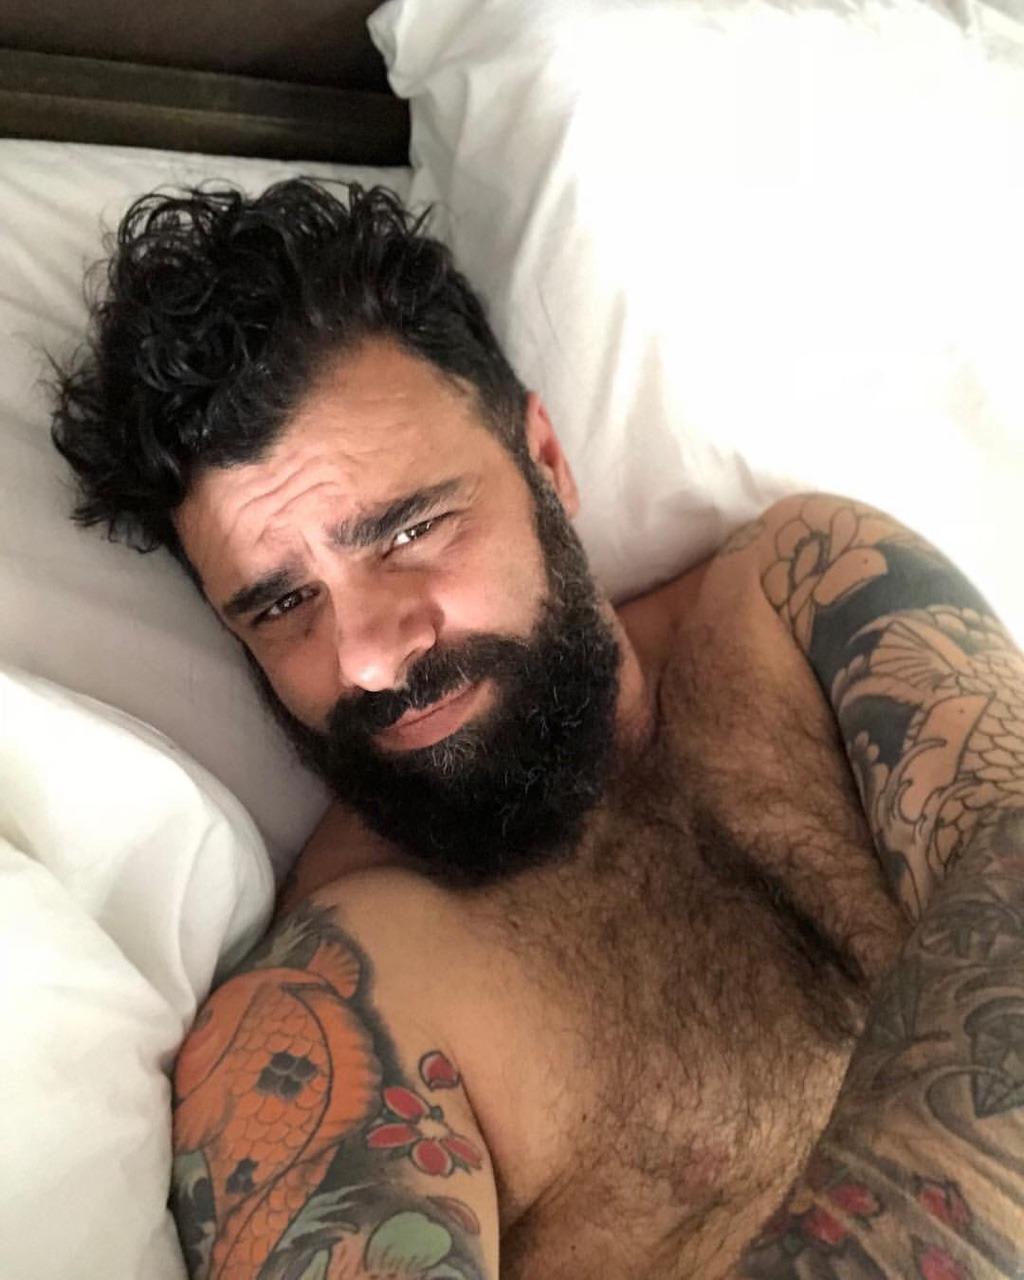 2018-06-04 05:20:19 - merkhermes instagram beardburnme http://www.neofic.com